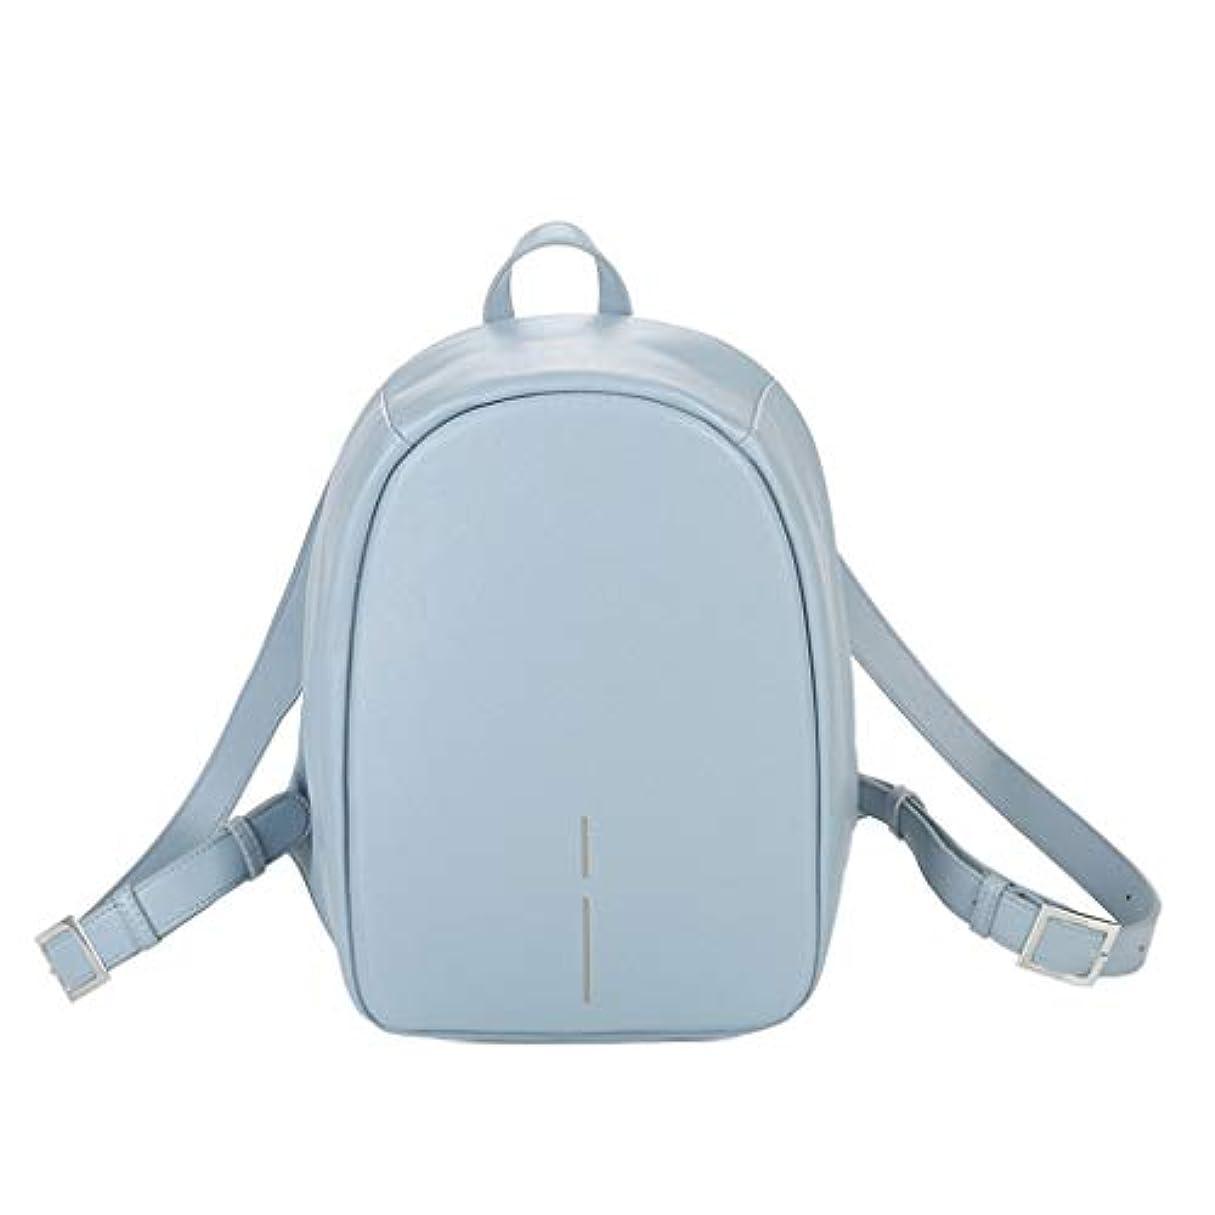 粉砕するマトロン昇進女性のためのコンピュータバックパックシンプルなレザーバックパック気質多機能旅行小さなバックパック多機能ブックバッグ用十代の若者たち女の子ジュニアミドルカレッジバッグ